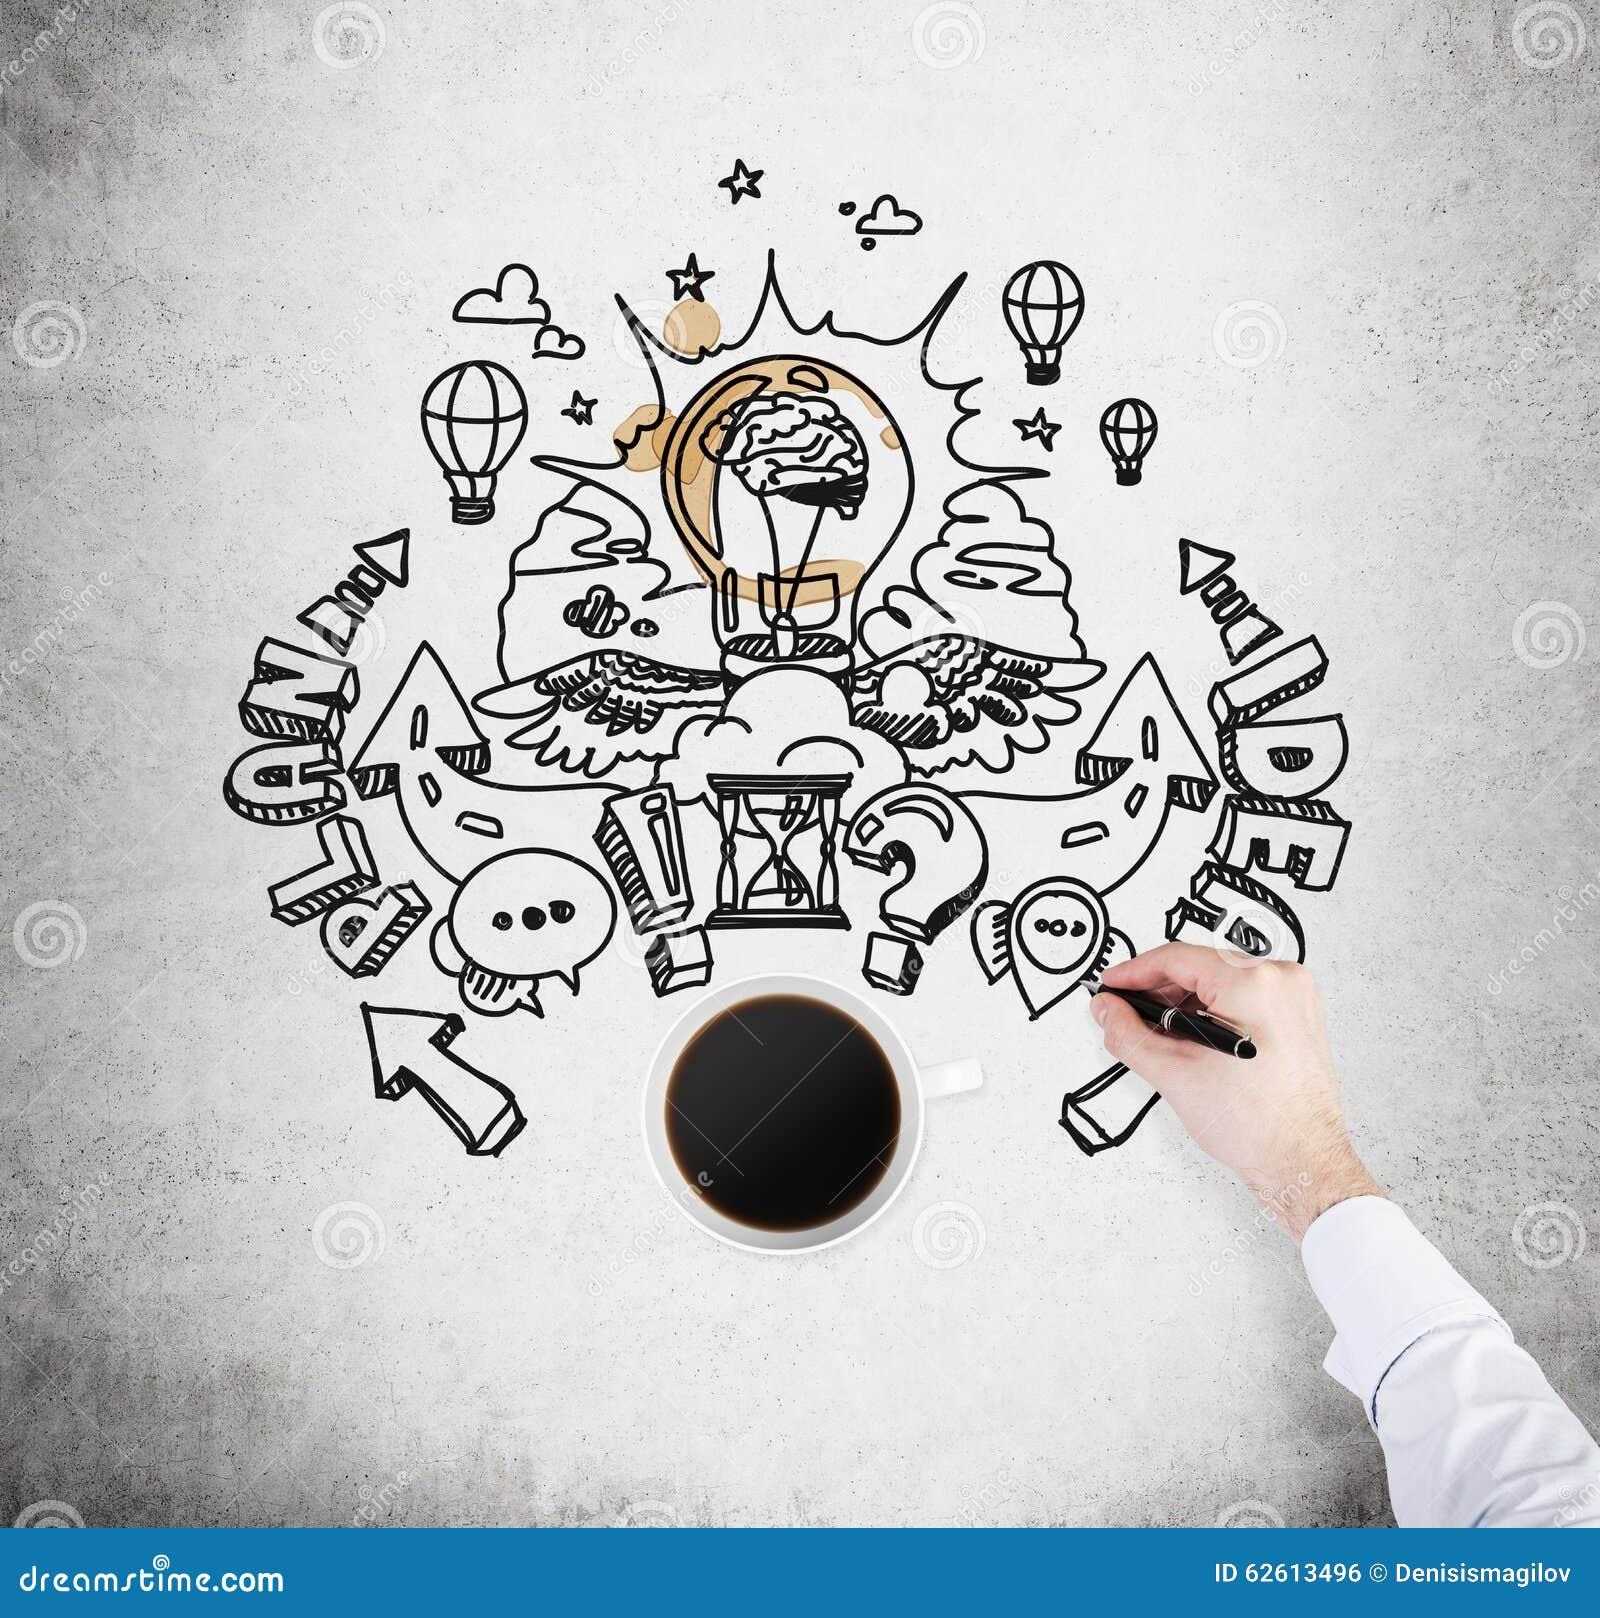 Odgórny widok filiżanka kawy i ręka która rysuje nakreślenie rozwijać nowego plan biznesowego Betonowa powierzchnia jako plecy